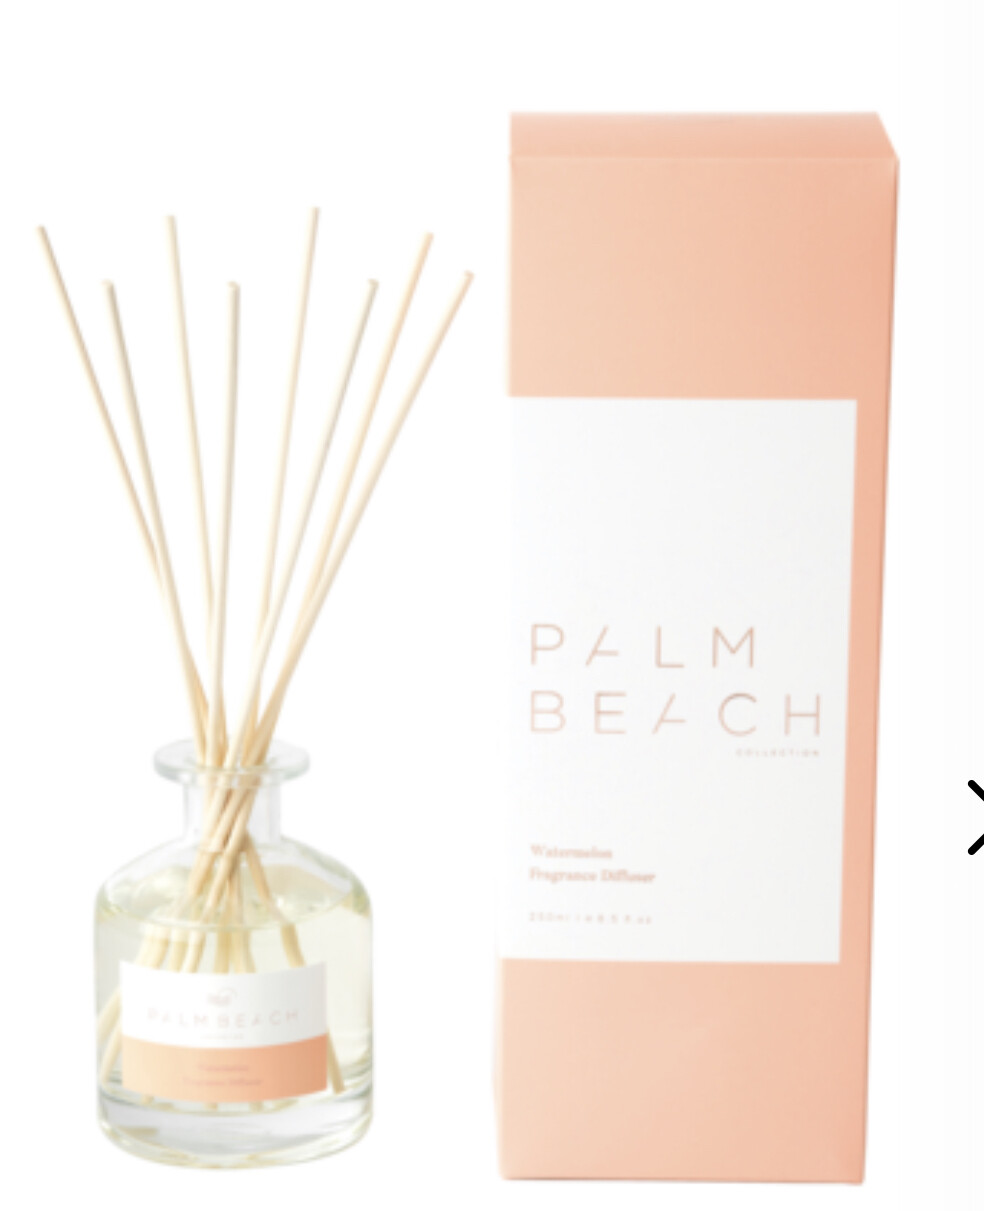 PALM BEACH - Watermelon  250ml Fragrance Diffuser